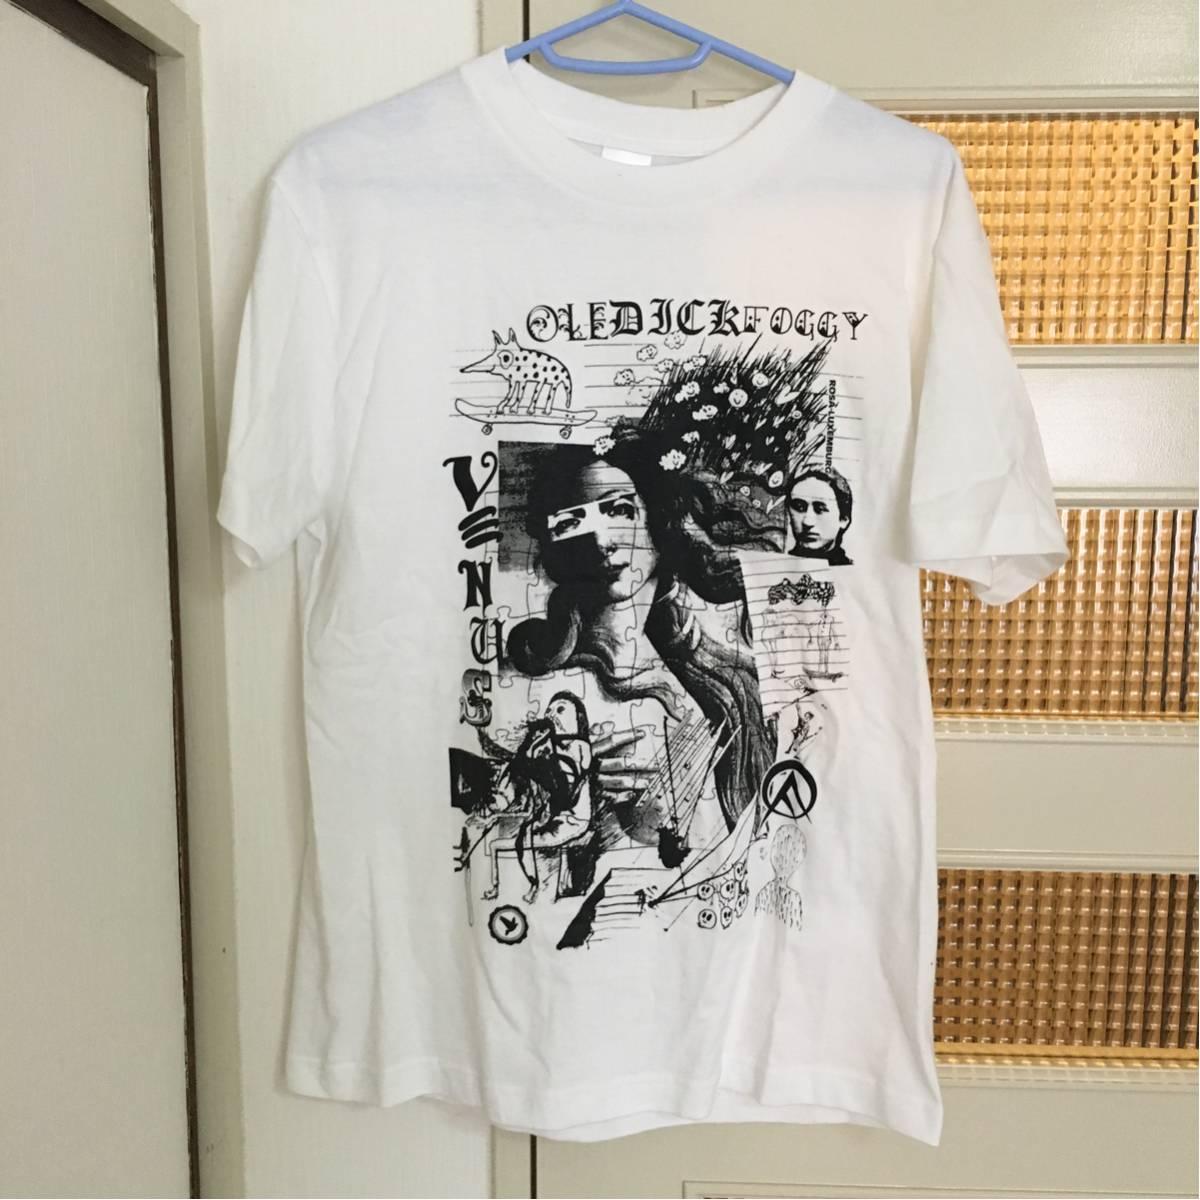 OLEDICKFOGGY Sサイズ Tシャツ